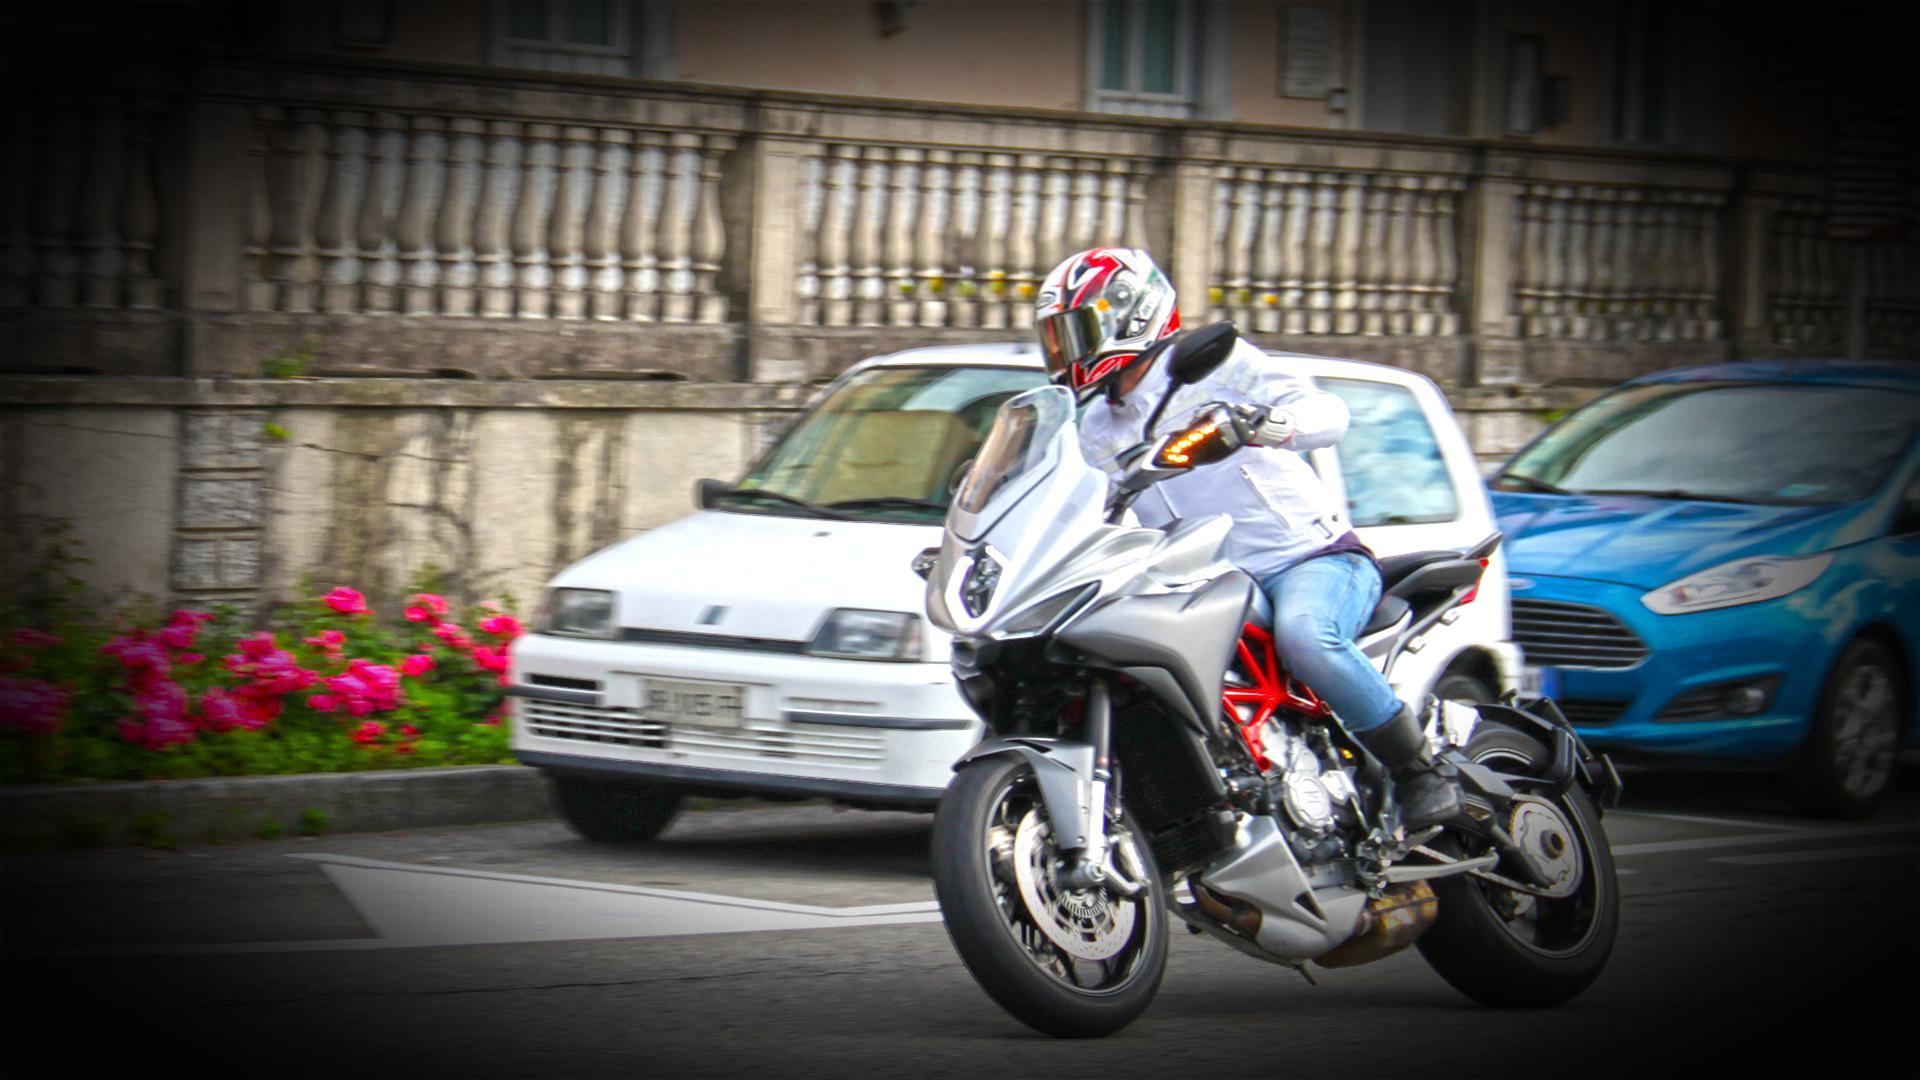 mv-agusta-turismo-veloce-prova-test-100